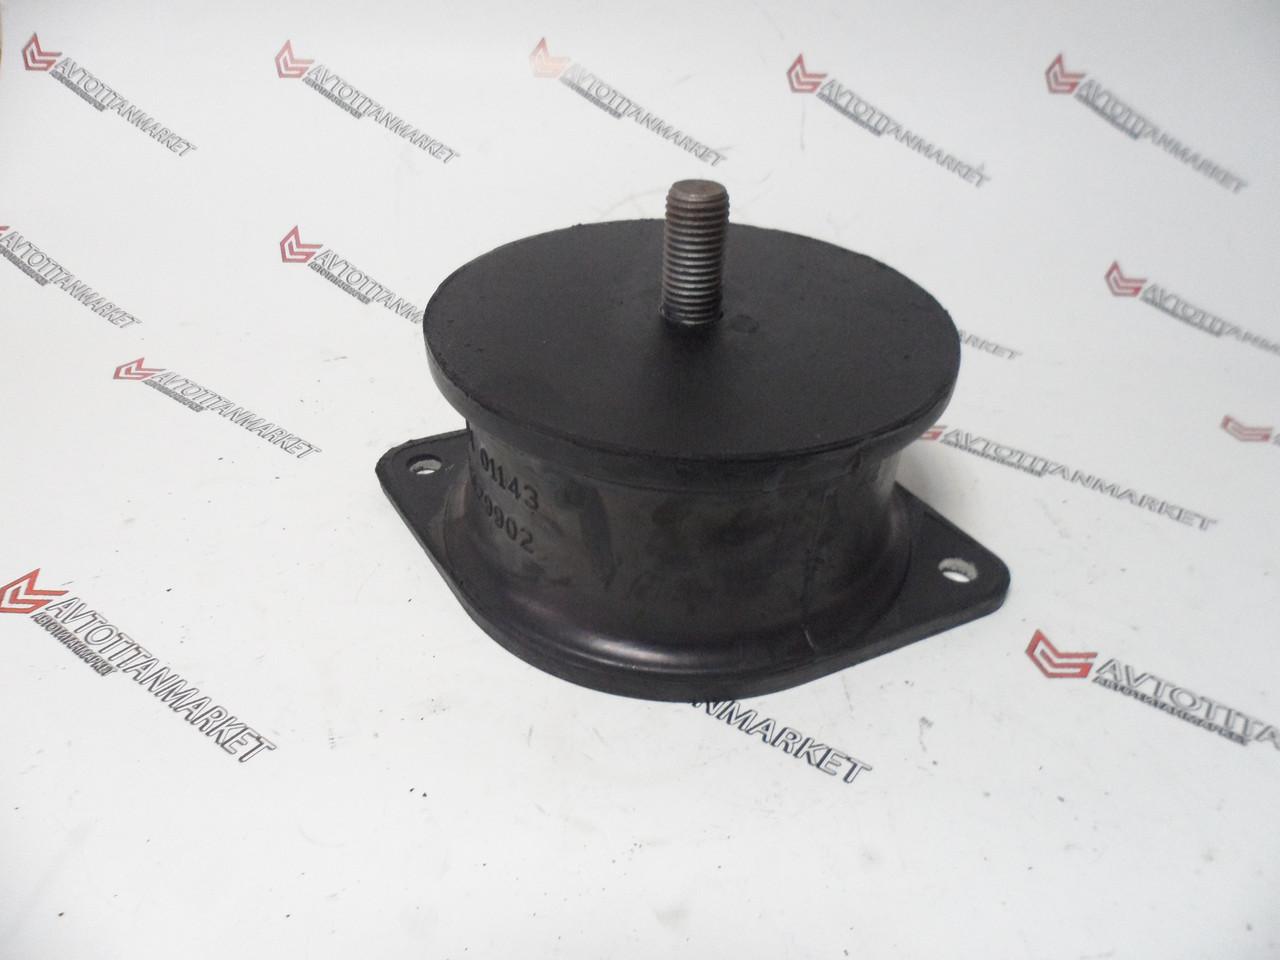 Амортизатор (подушка) катка Bomag (Бомаг) BW212/213 06129902, 06129901